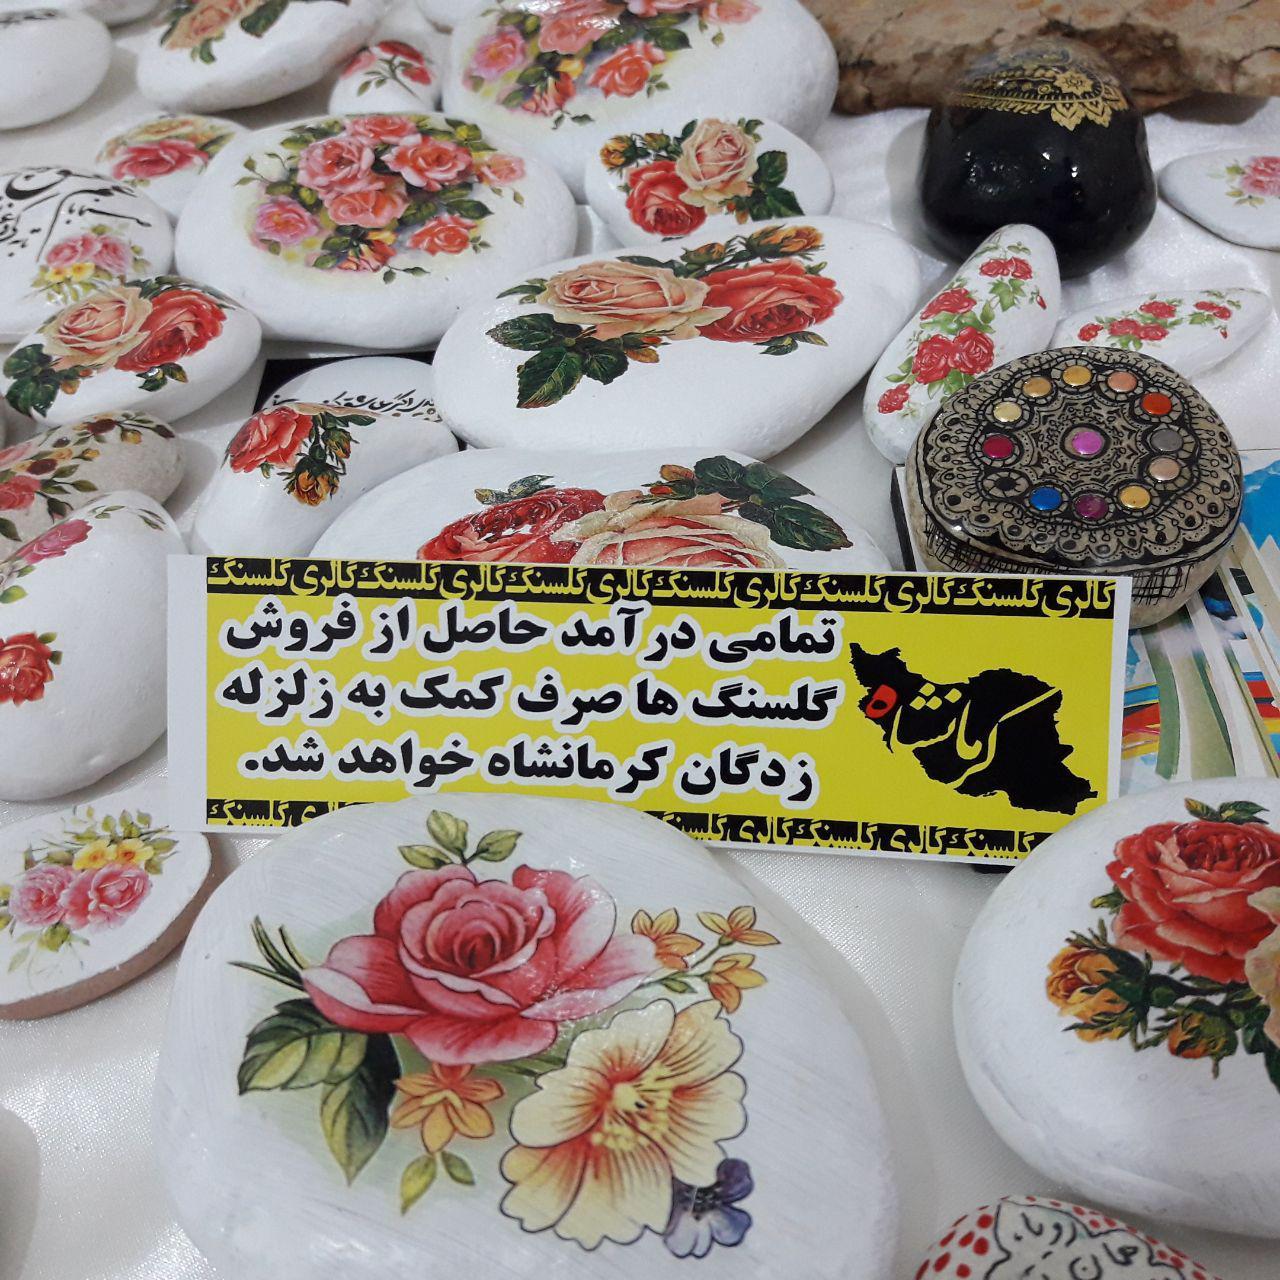 نمایشگاه  هنرهای صنایع دستی،عکاسی و نقاشی ریز برای کمک به مردم زلزله زده کرمانشاه برگزار شد+ تصاویر